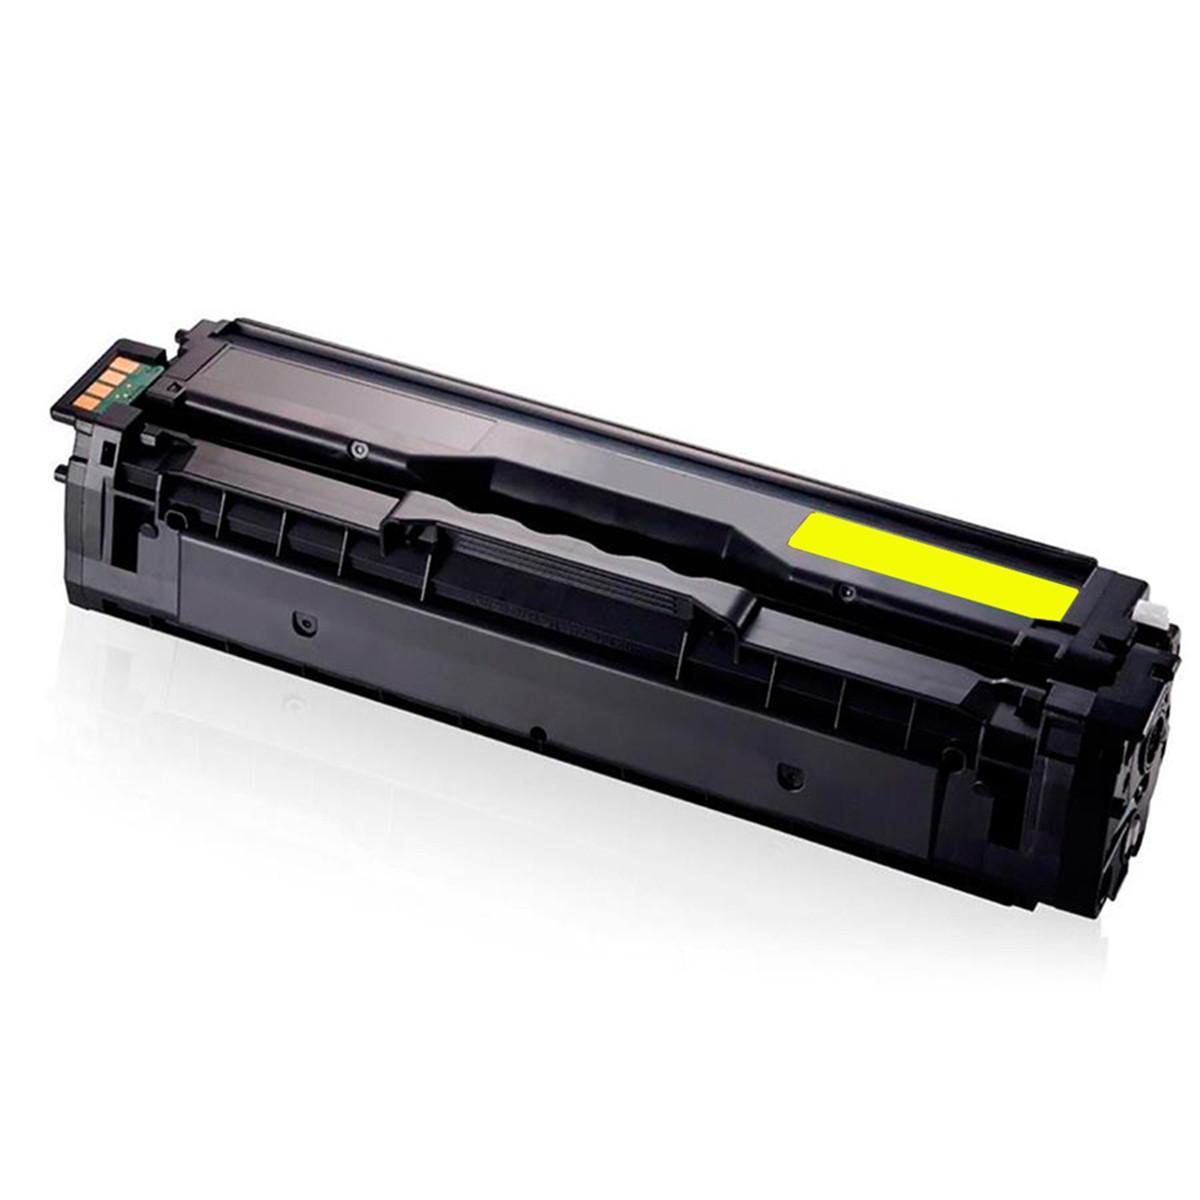 Toner Compatível Samsung CLT-Y504S 504S Amarelo   CLP415NW CLX4195FN SL-C1810W   Importado 1.8k